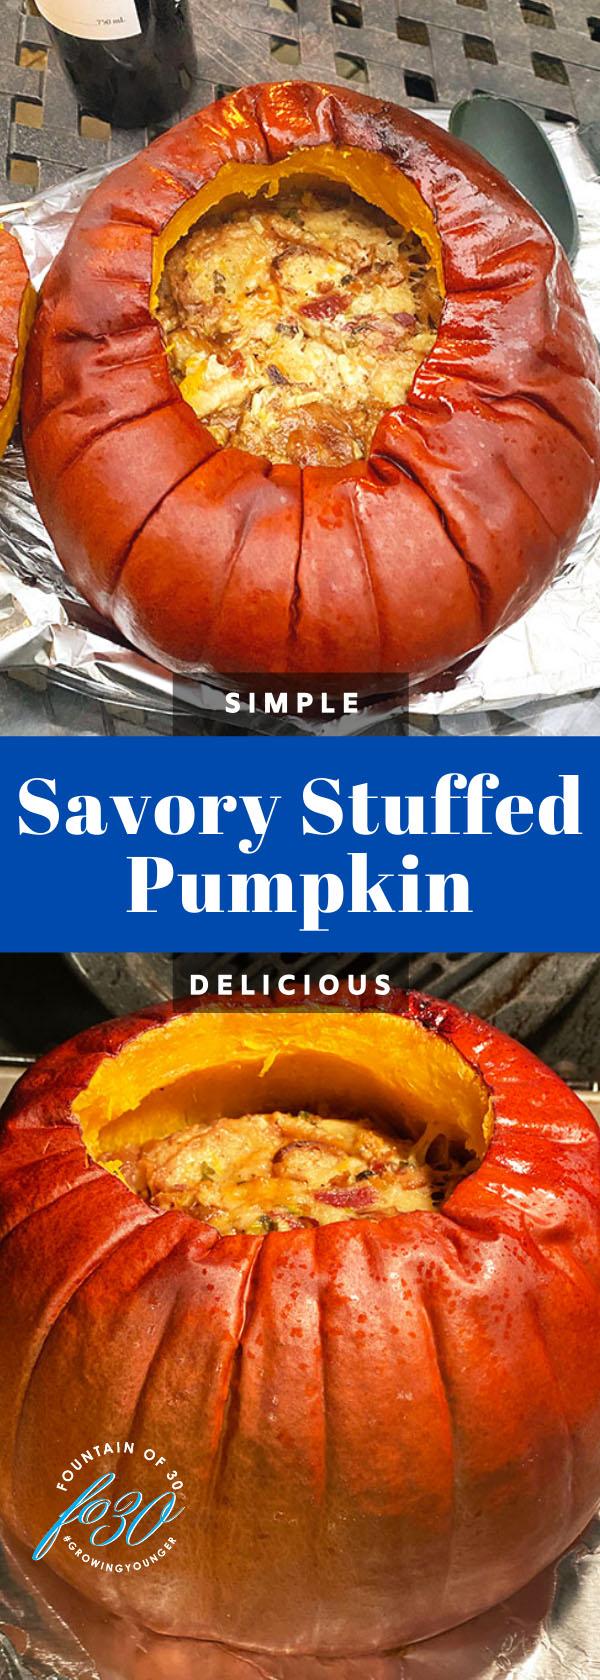 savory stuffed pumpkin fountainof30